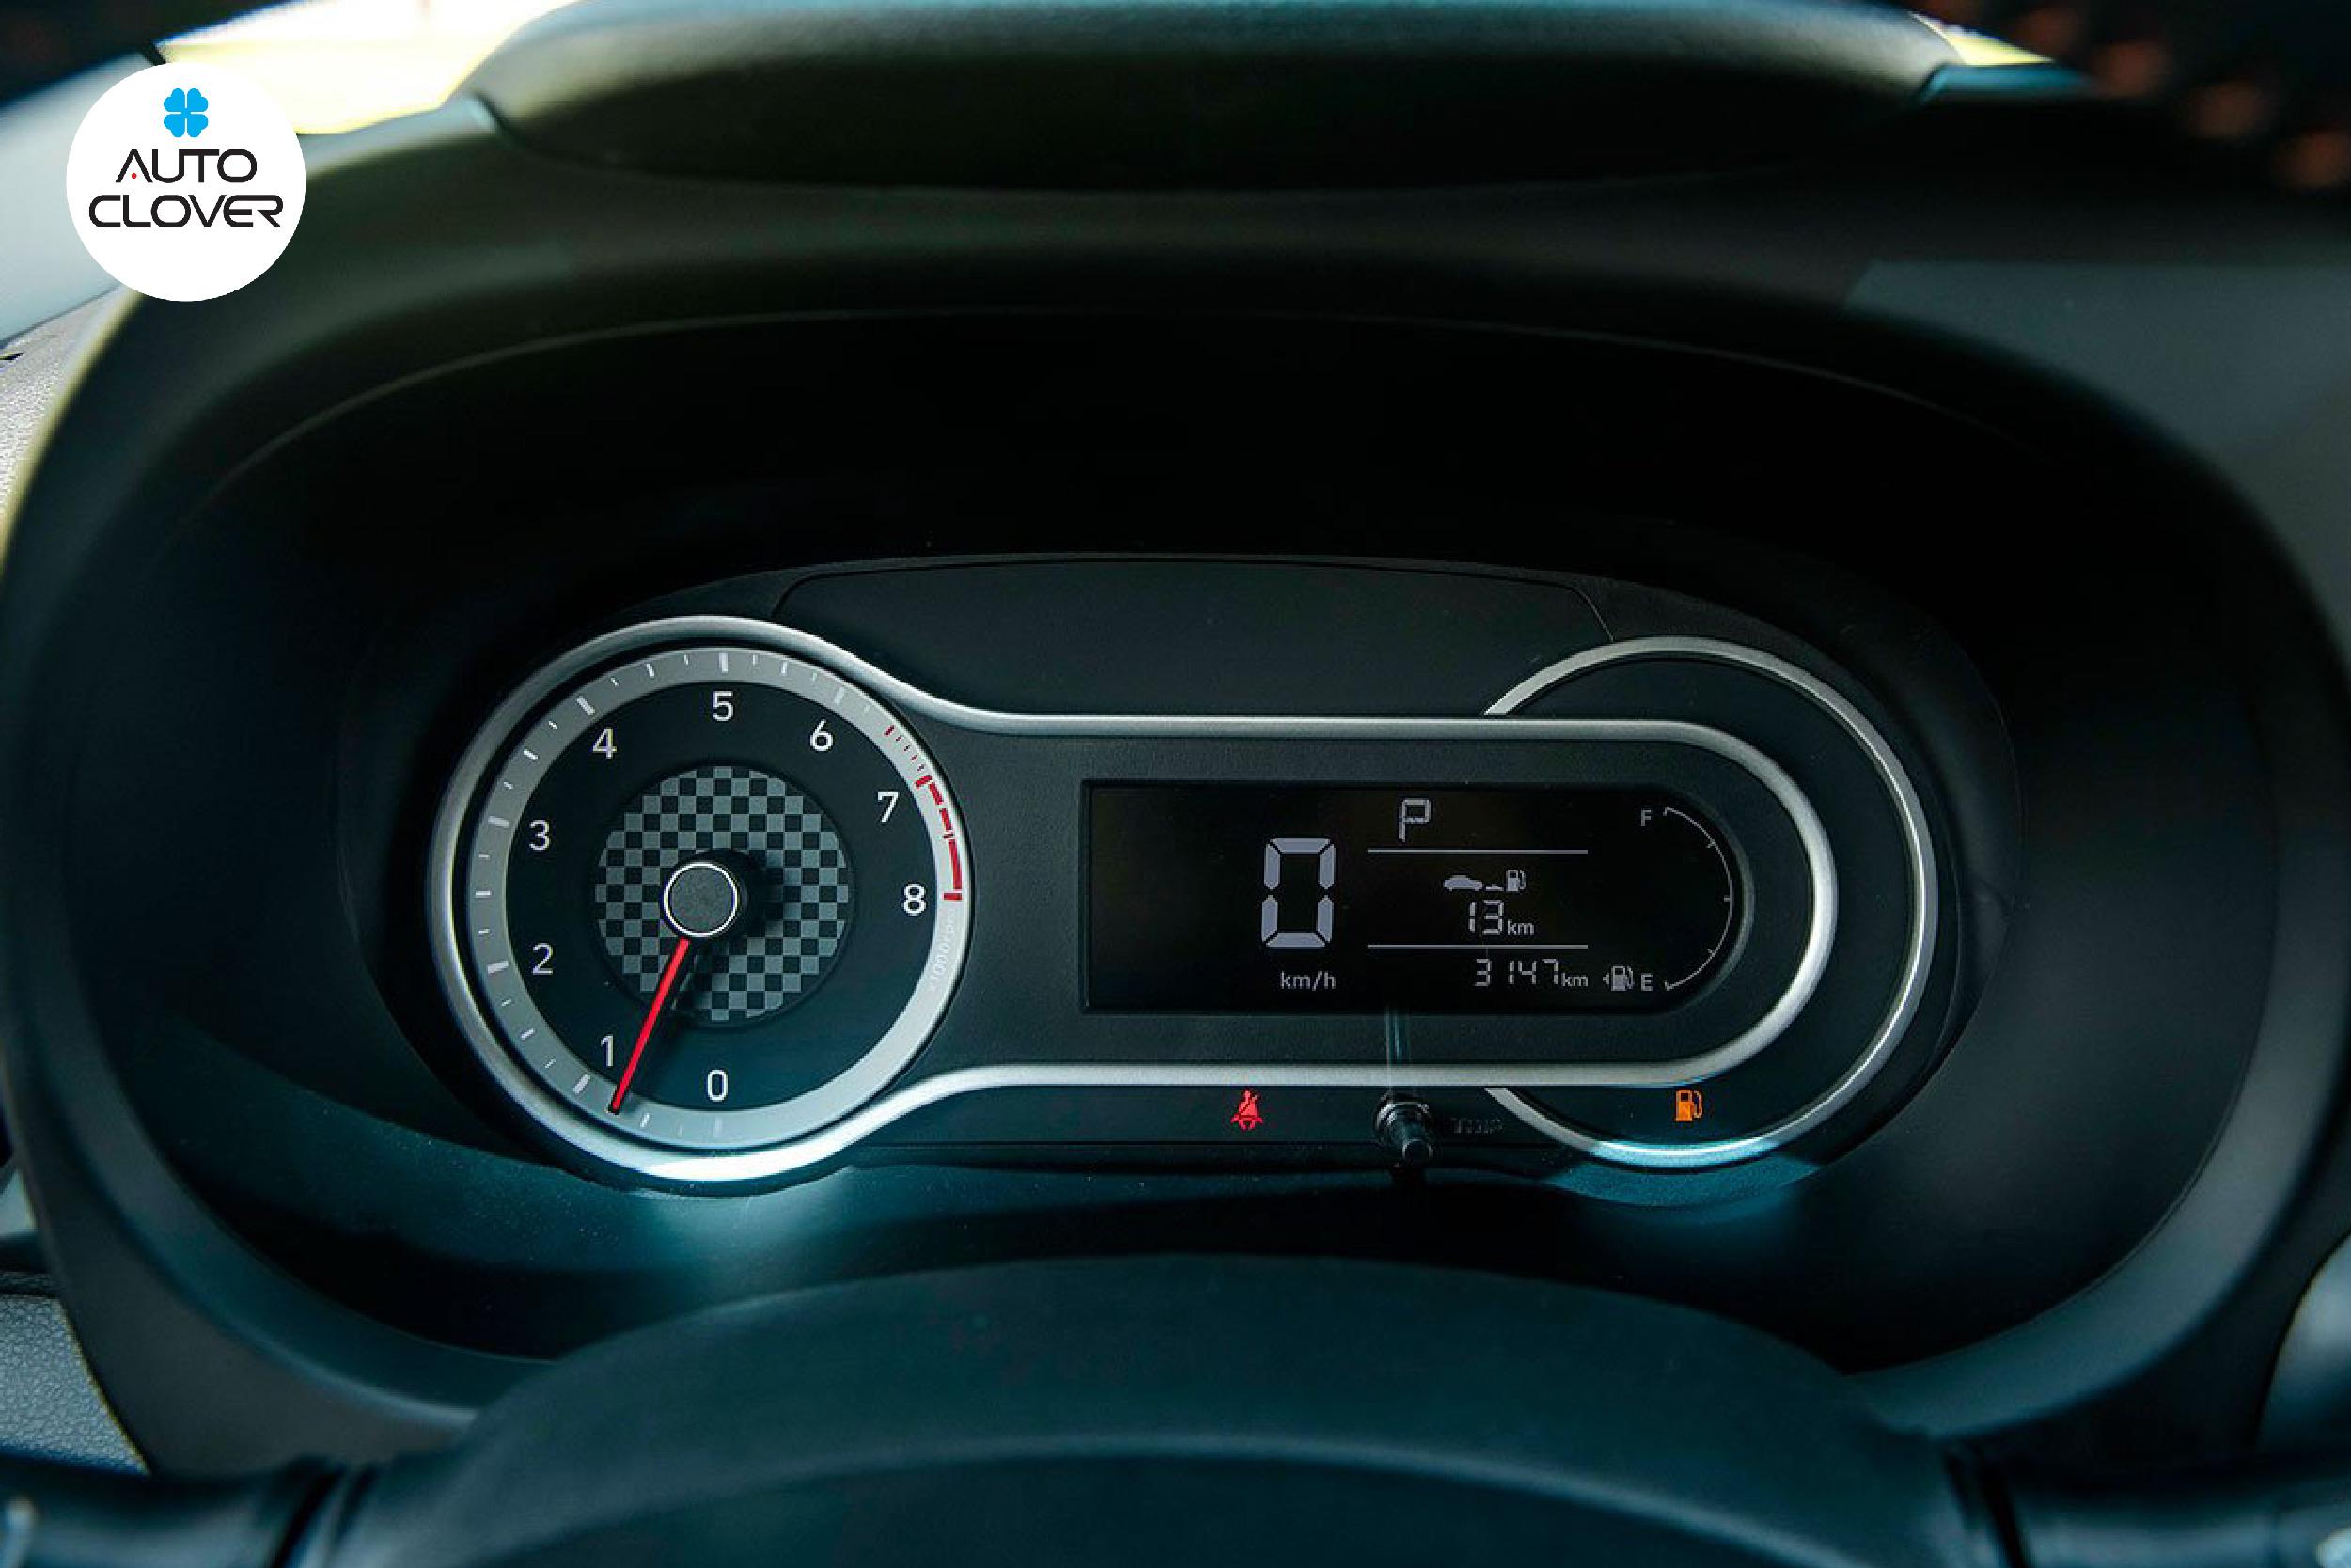 Bộ đồng hồ analog và màn hình 5.3 inch trên xe ô tô i10